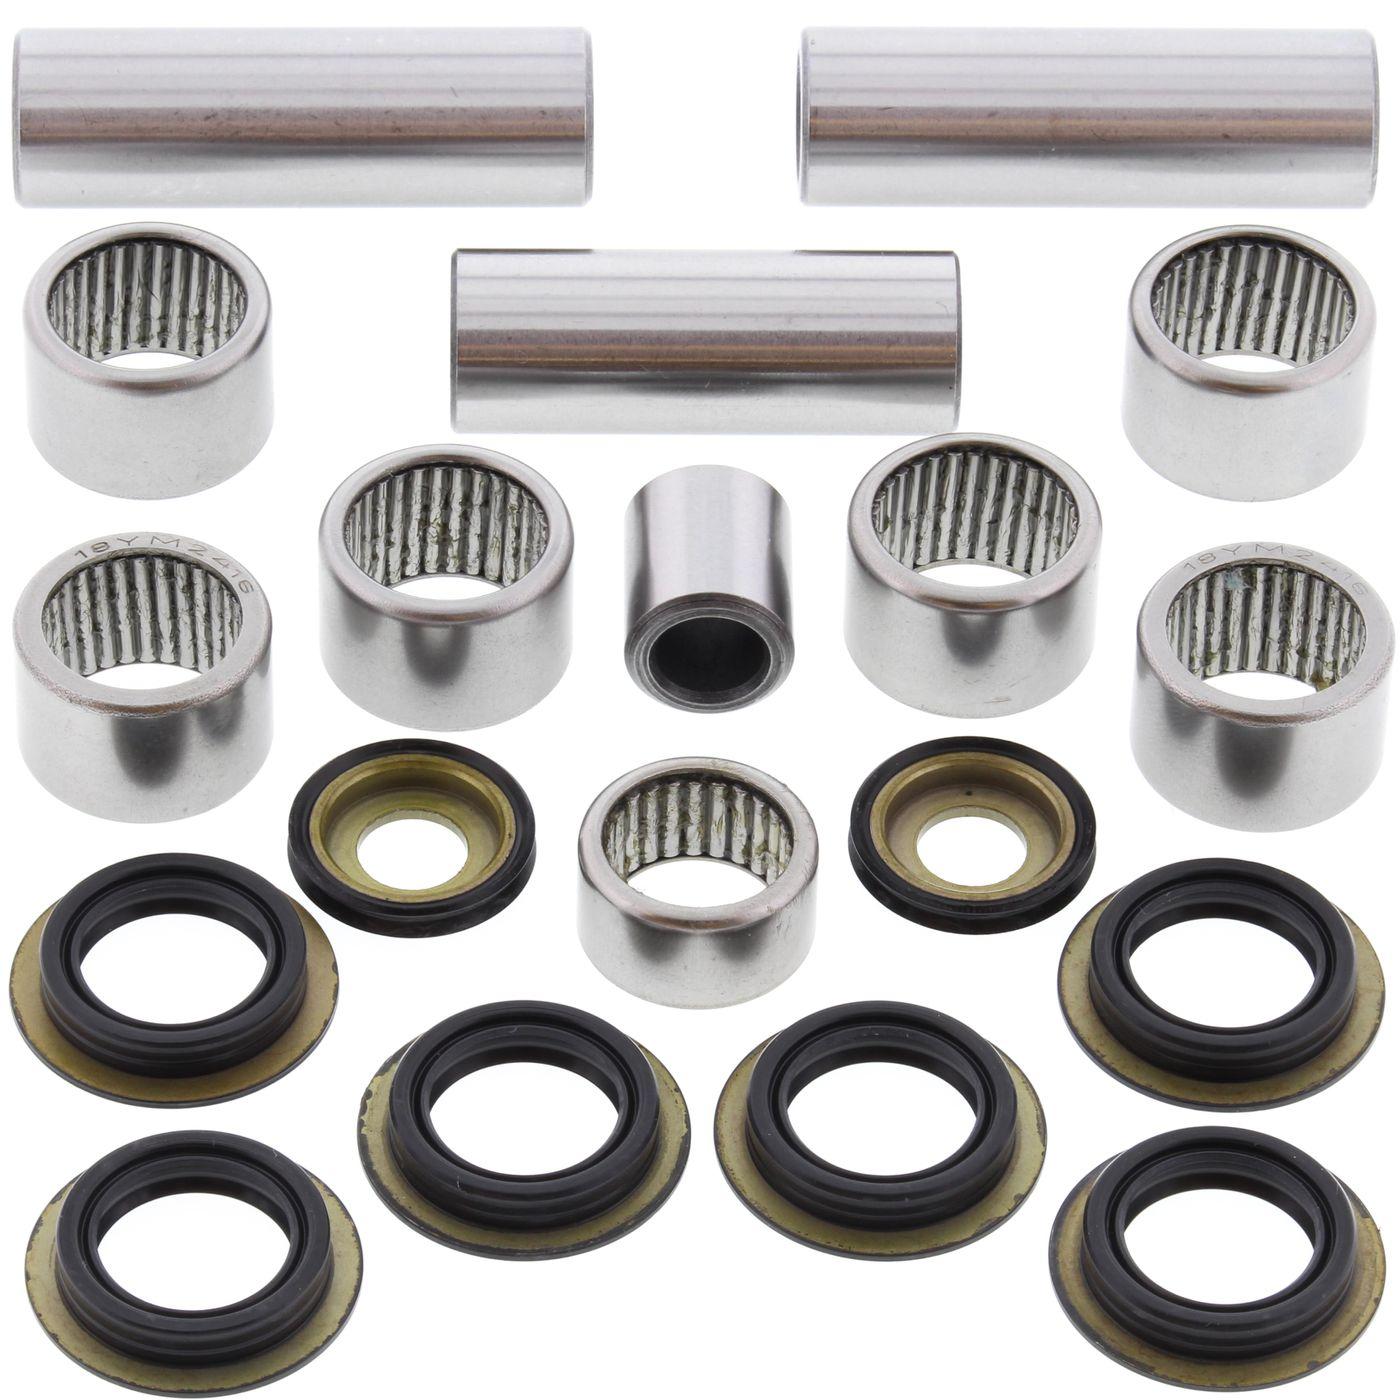 wrp shock linkage bearing kits - WRP271013 image